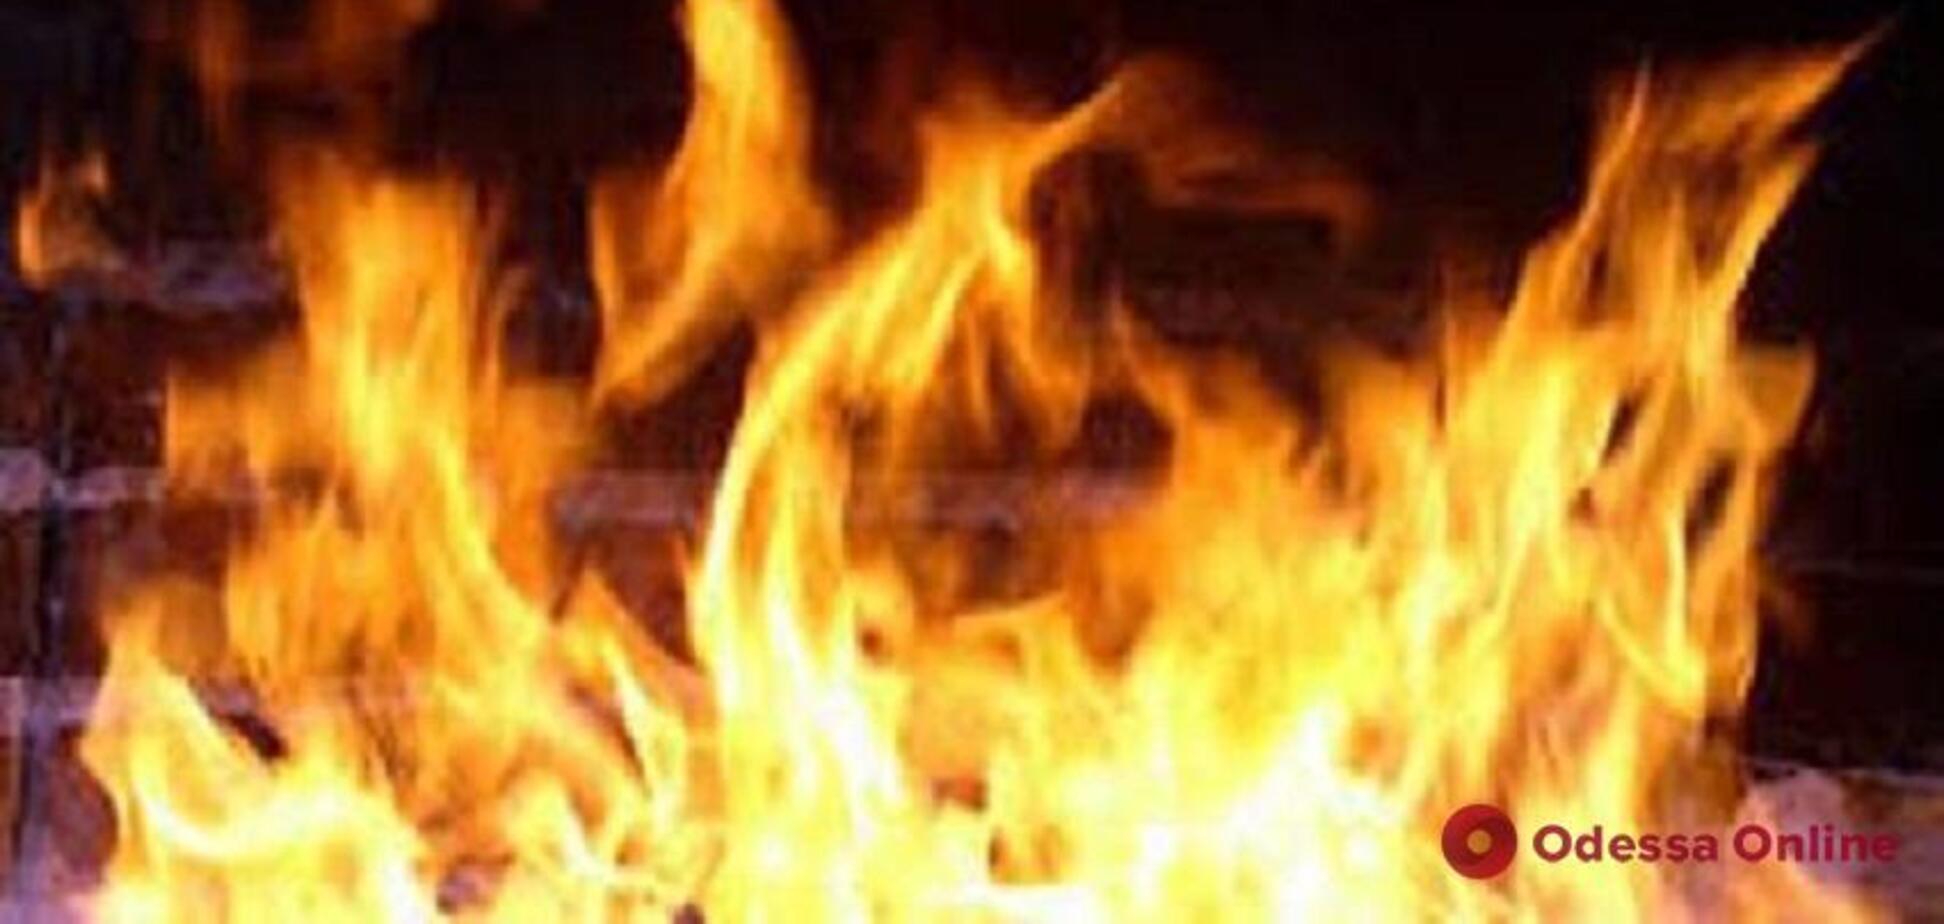 Вогняна напасть: у пожежі під Одесою загинула людина